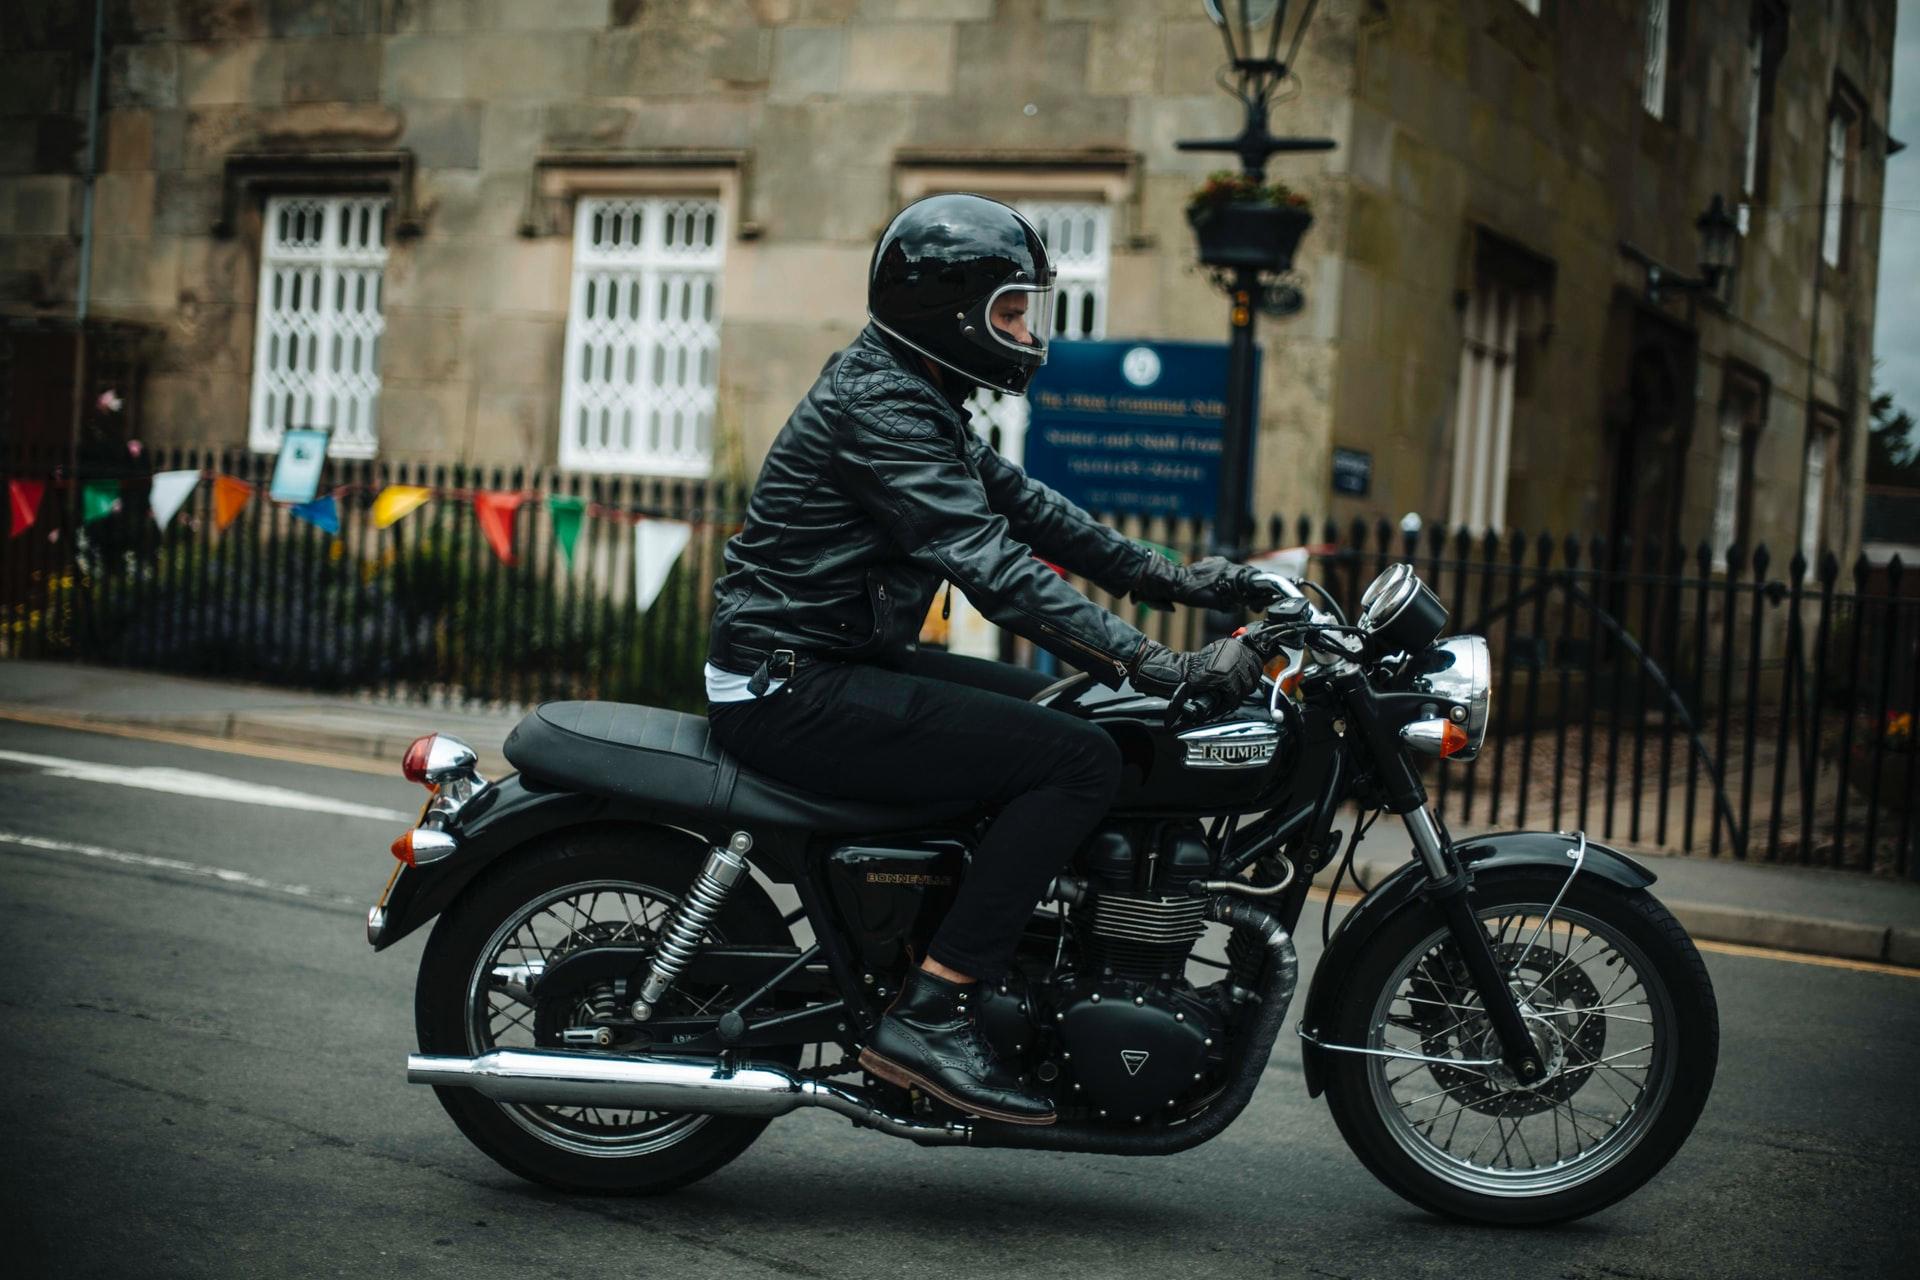 Motociklisti će ovoga vikenda 'okupirati' Daruvar